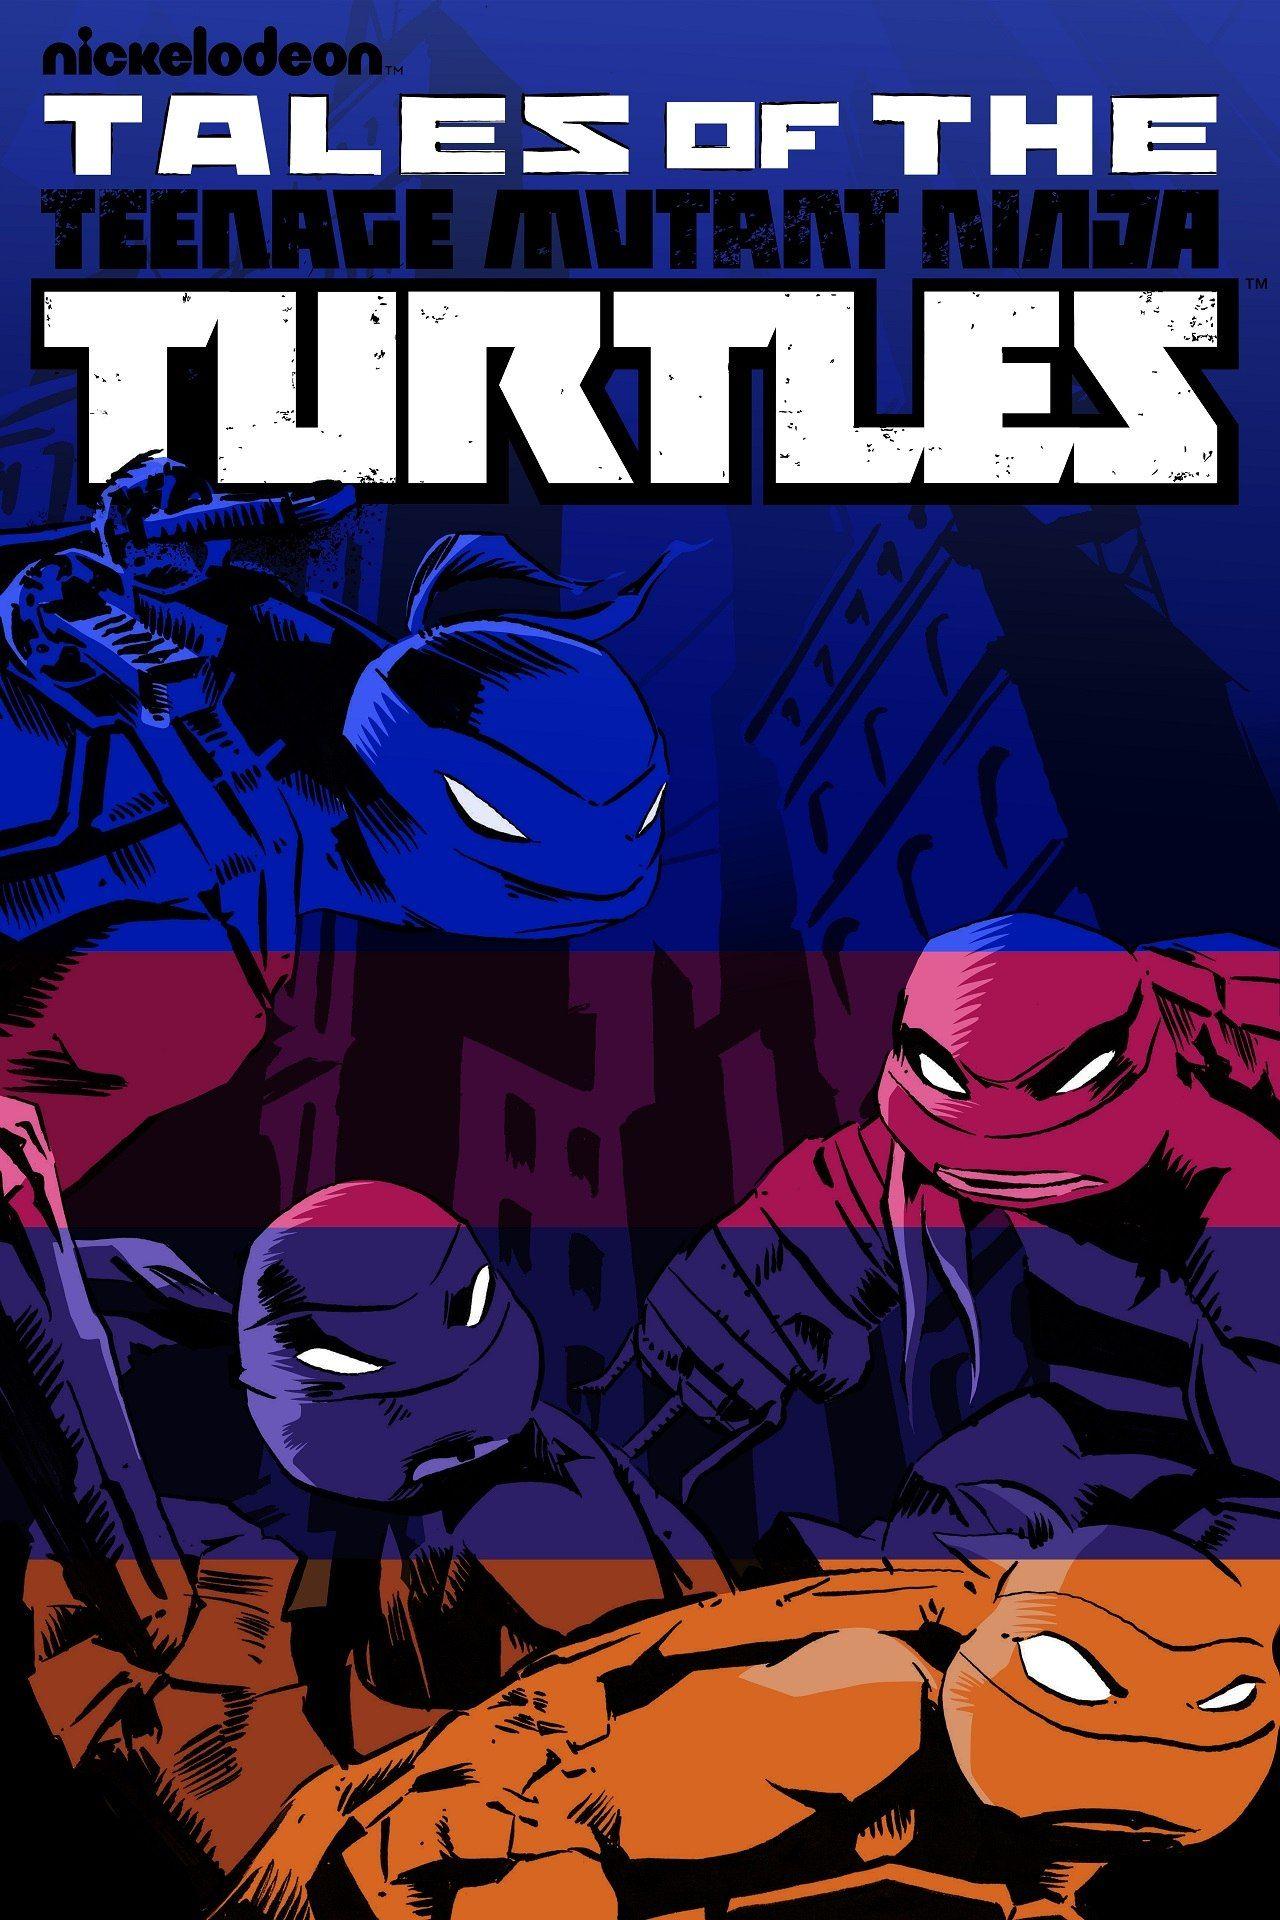 Nickelodeon's 'Tales of the Teenage Mutant Ninja Turtles' Returns March 19